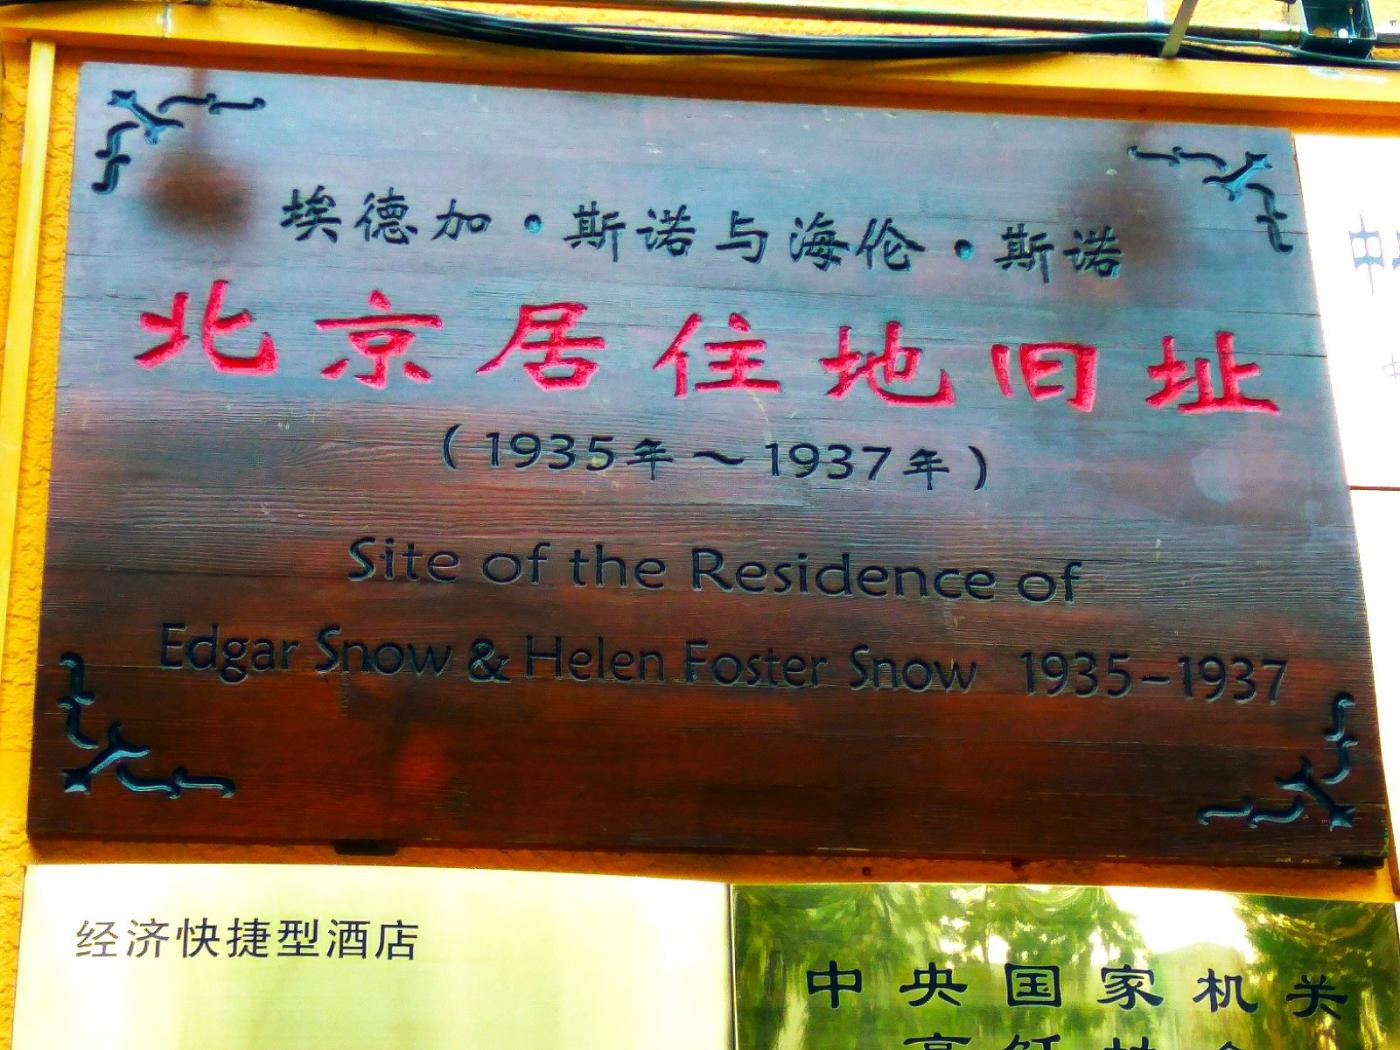 埃德加·斯诺北京居住地旧址(图)_图1-3